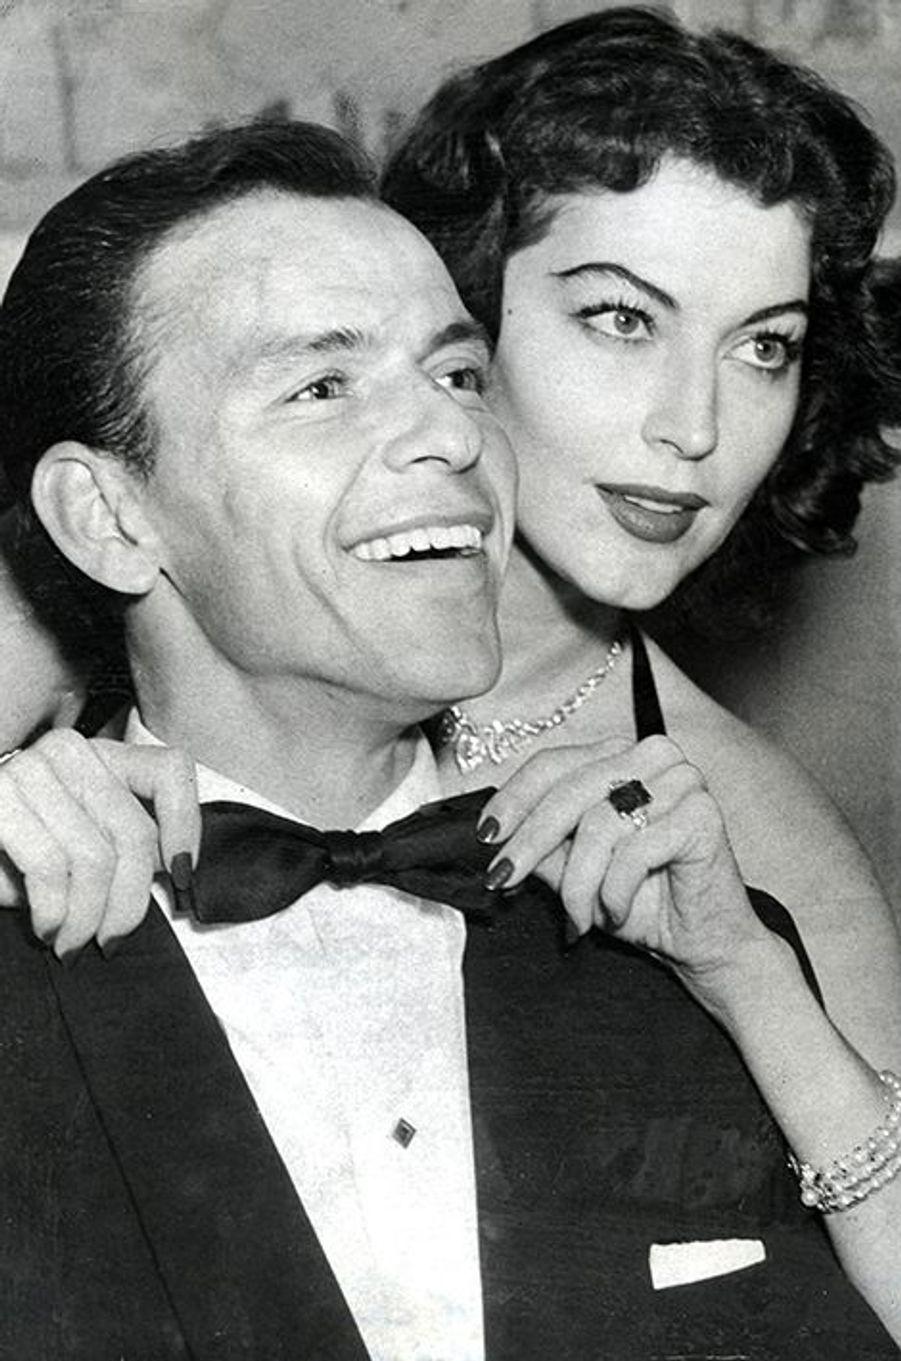 Lorsque Ava Gardner rencontre Frank Sinatra, celui-ci est déjà marié à Nancy. Amants officieux pendant de longues années, l'actrice américaine et le crooner de légende entretiennent une relation ponctuée de violentes crises de jalousie et de réconciliations. Mariée à Frank Sinatra en 1951, Ava Gardner a notamment subi deux avortements au cours de l'année 1953, lors du tournage du film «Mogambo». Dans ses mémoires publiés en 1990, la comédienne avait relaté ces tristes épreuves en détails, affirmant que son époux n'avait été informé que de la seconde interruption de grossesse. «J'avais des principes très stricts sur le fait de mettre un enfant au monde. Je pensais que si l'on n'était pas décidée à lui consacrer l'essentiel de son temps pendant les années de la petite enfance, c'était injuste pour le bébé.Sans parler de toutes les sanctions prévues par la MGM pour les stars qui faisaient des bébés. Si j'avais un enfant, mon salaire serait amputé. Alors comment est-ce que je gagnerais ma vie? Frank était complètement fauché et cela risquerait bien de durer encore un certain temps (...) Il rentrait à la maison sur les coups de quatre heures du matin, après un concert ou une soirée dans un night-club. Moi je devais quitter la maison à six heures trente du matin, quand ce n'était pas plus tôt, pour être à l'heure au studio. Pas vraiment ce qu'on appelle une vie de famille.»